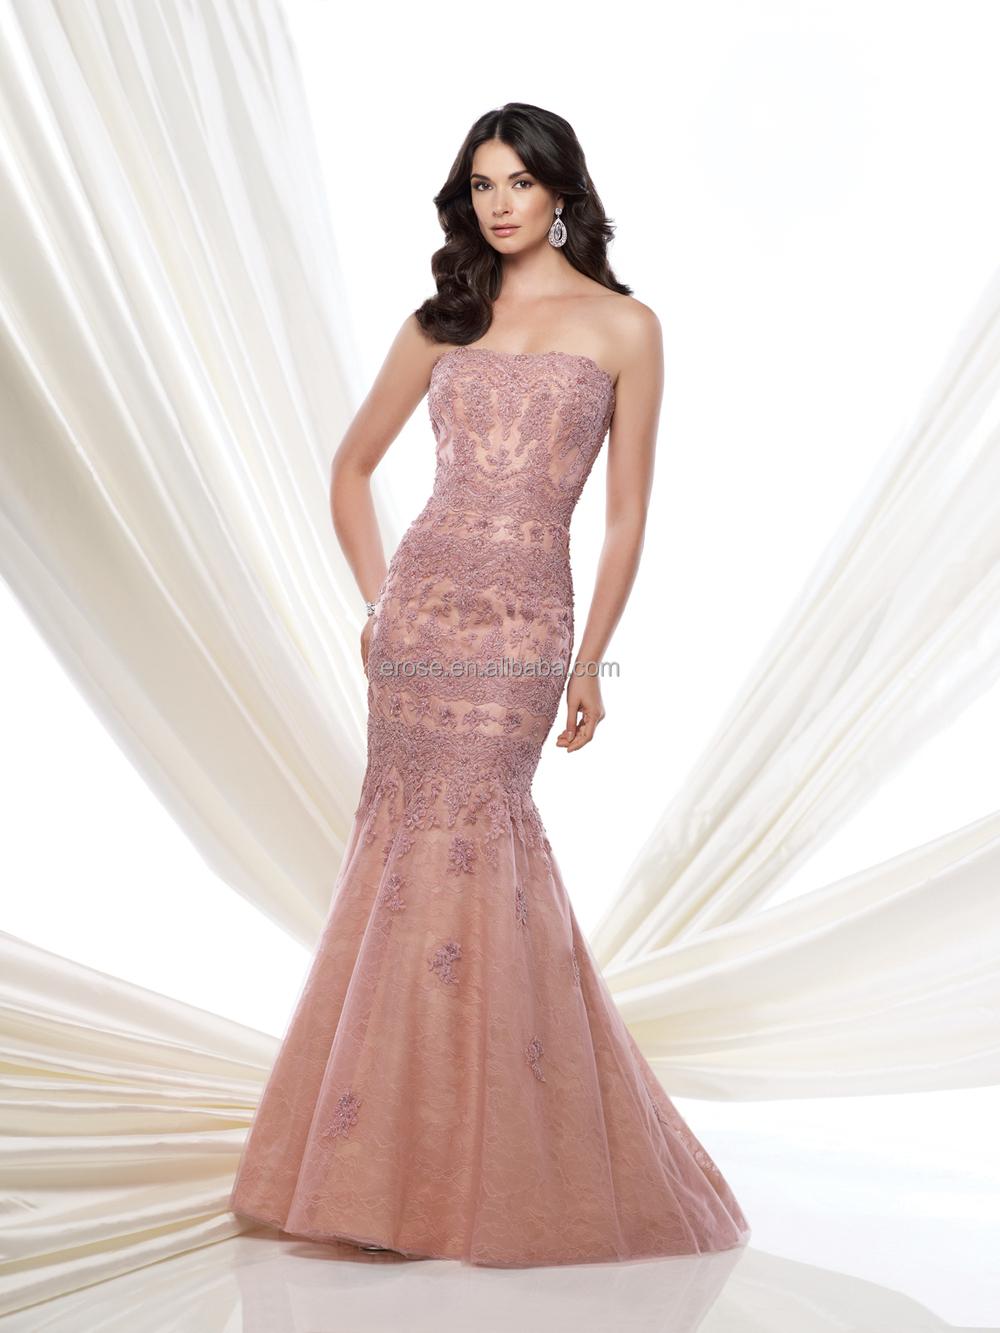 Ebay vestidos de novia del diseñador — Cuadros